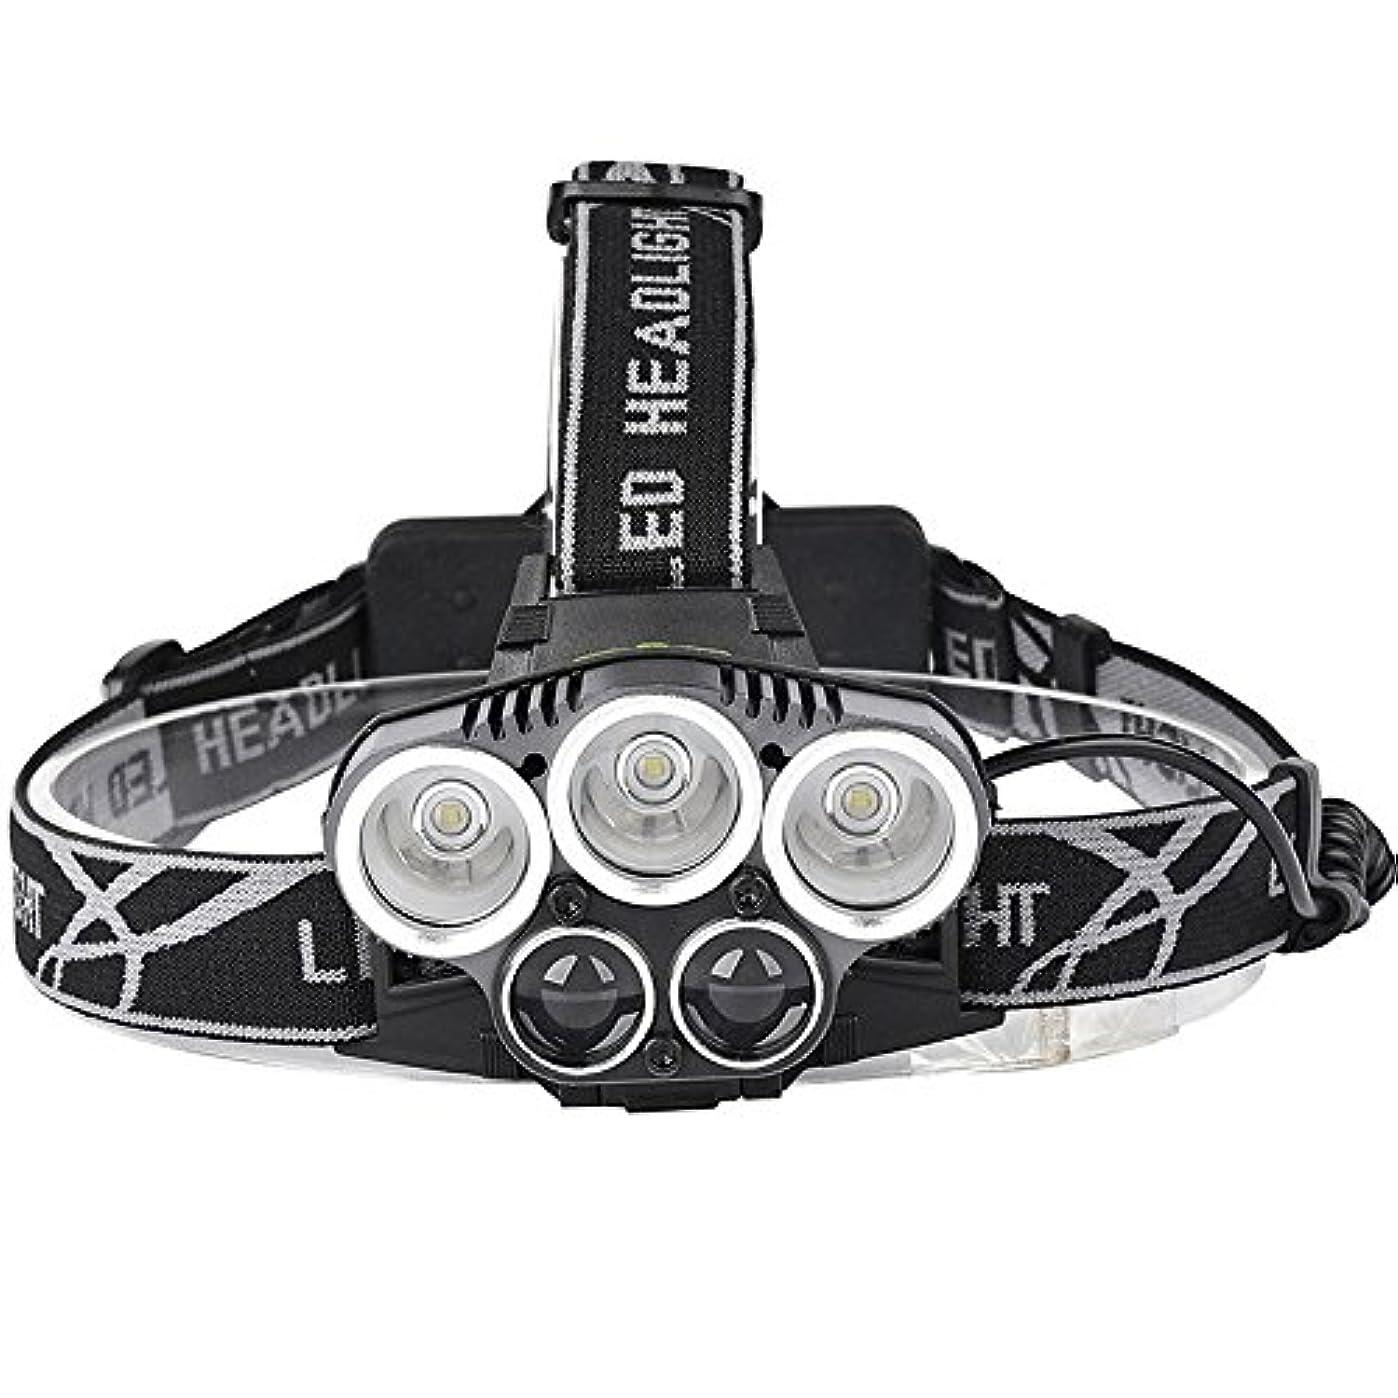 アンティーク潜むブランクXIAOBUDIAN ヘッドランプ15000lmヘッドランプ3T6 + 2LSTアルミ合金ボディヘッドランプヘッドライト6モードヘッドライトトーチComping